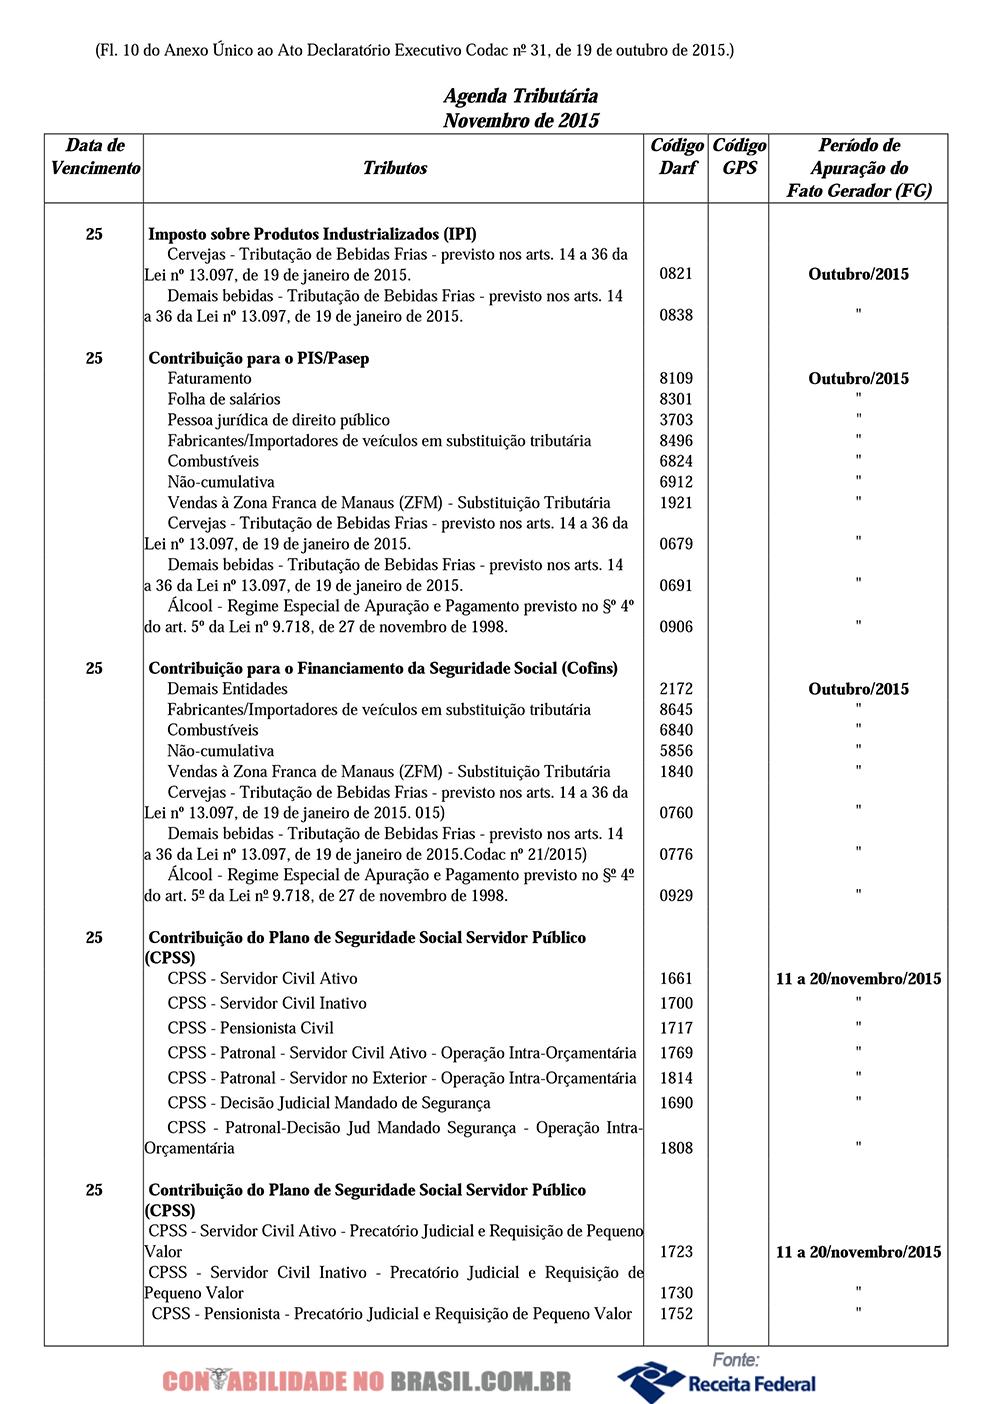 agenda tributaria novembro de 2015 10